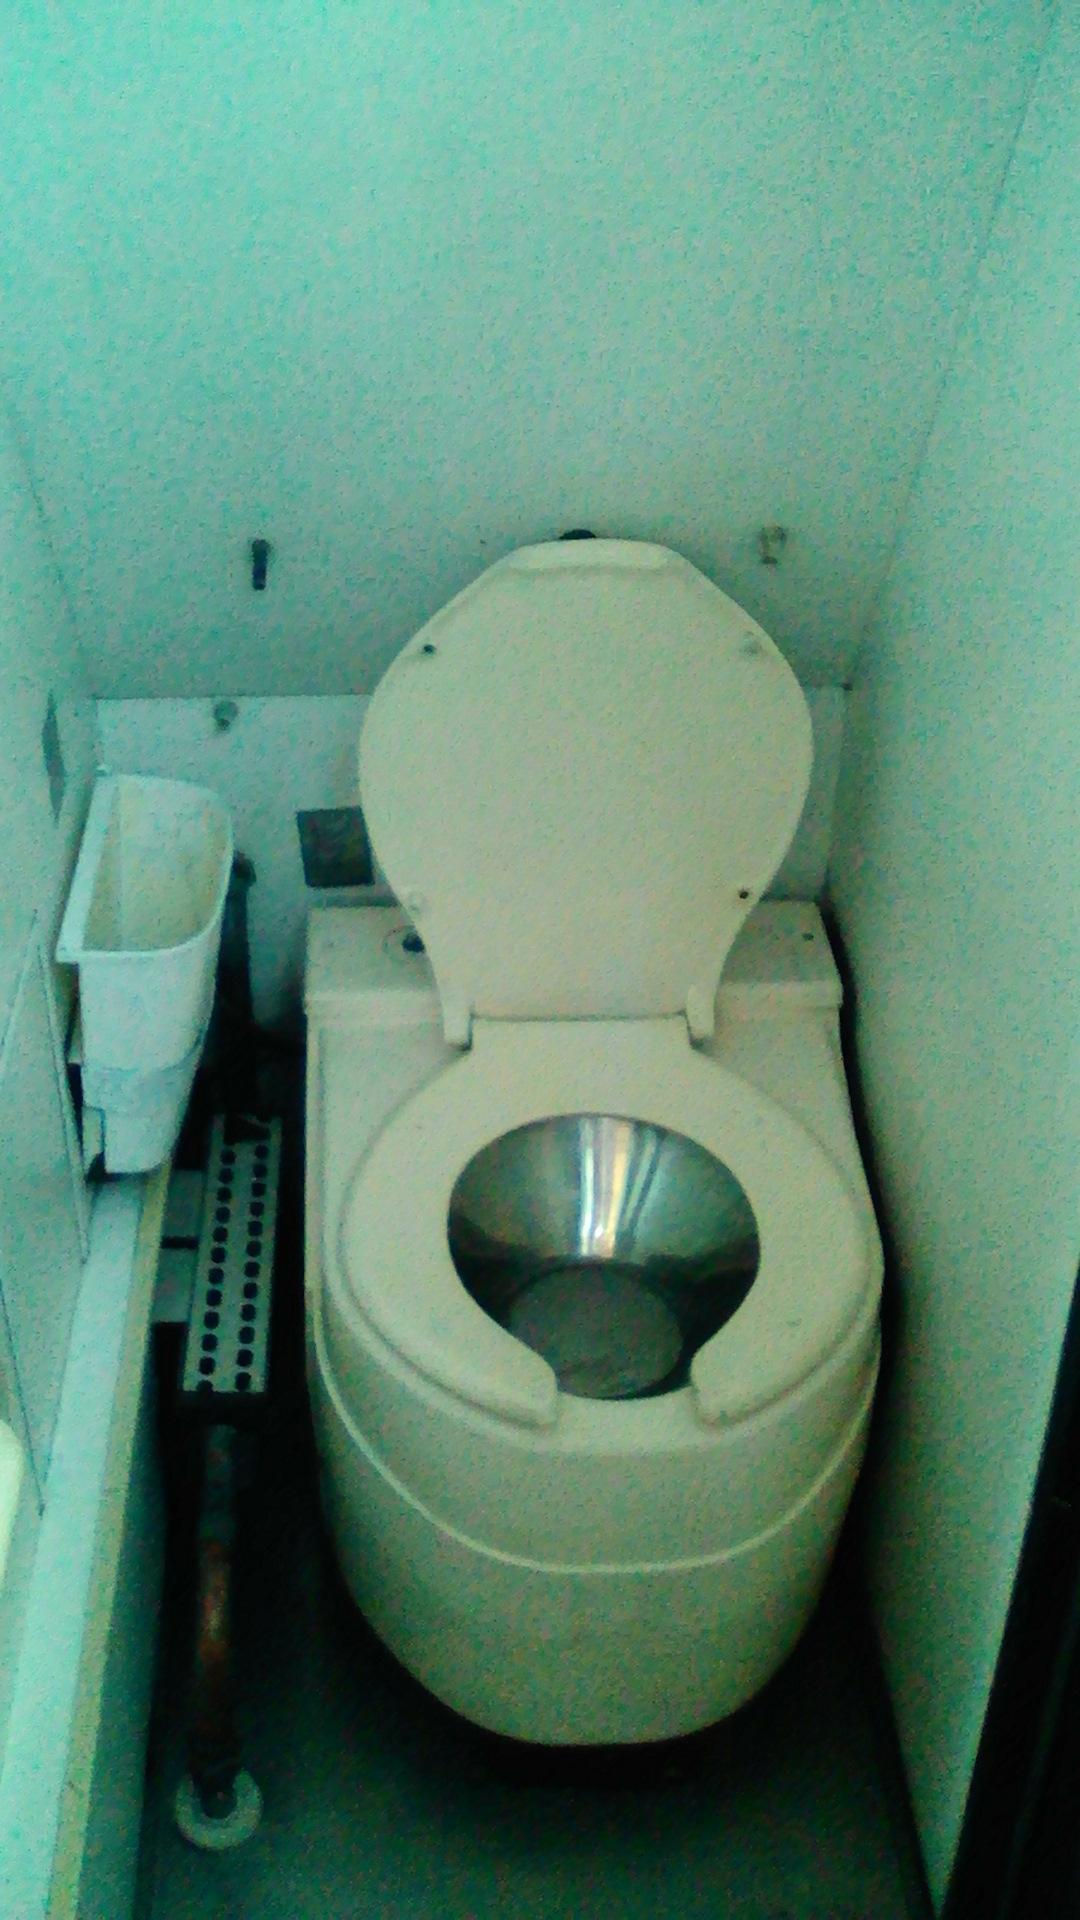 То, что ты видишь в туалете, может много рассказать о твоем здоровье. И эти 12 болезней — не исключение картинки